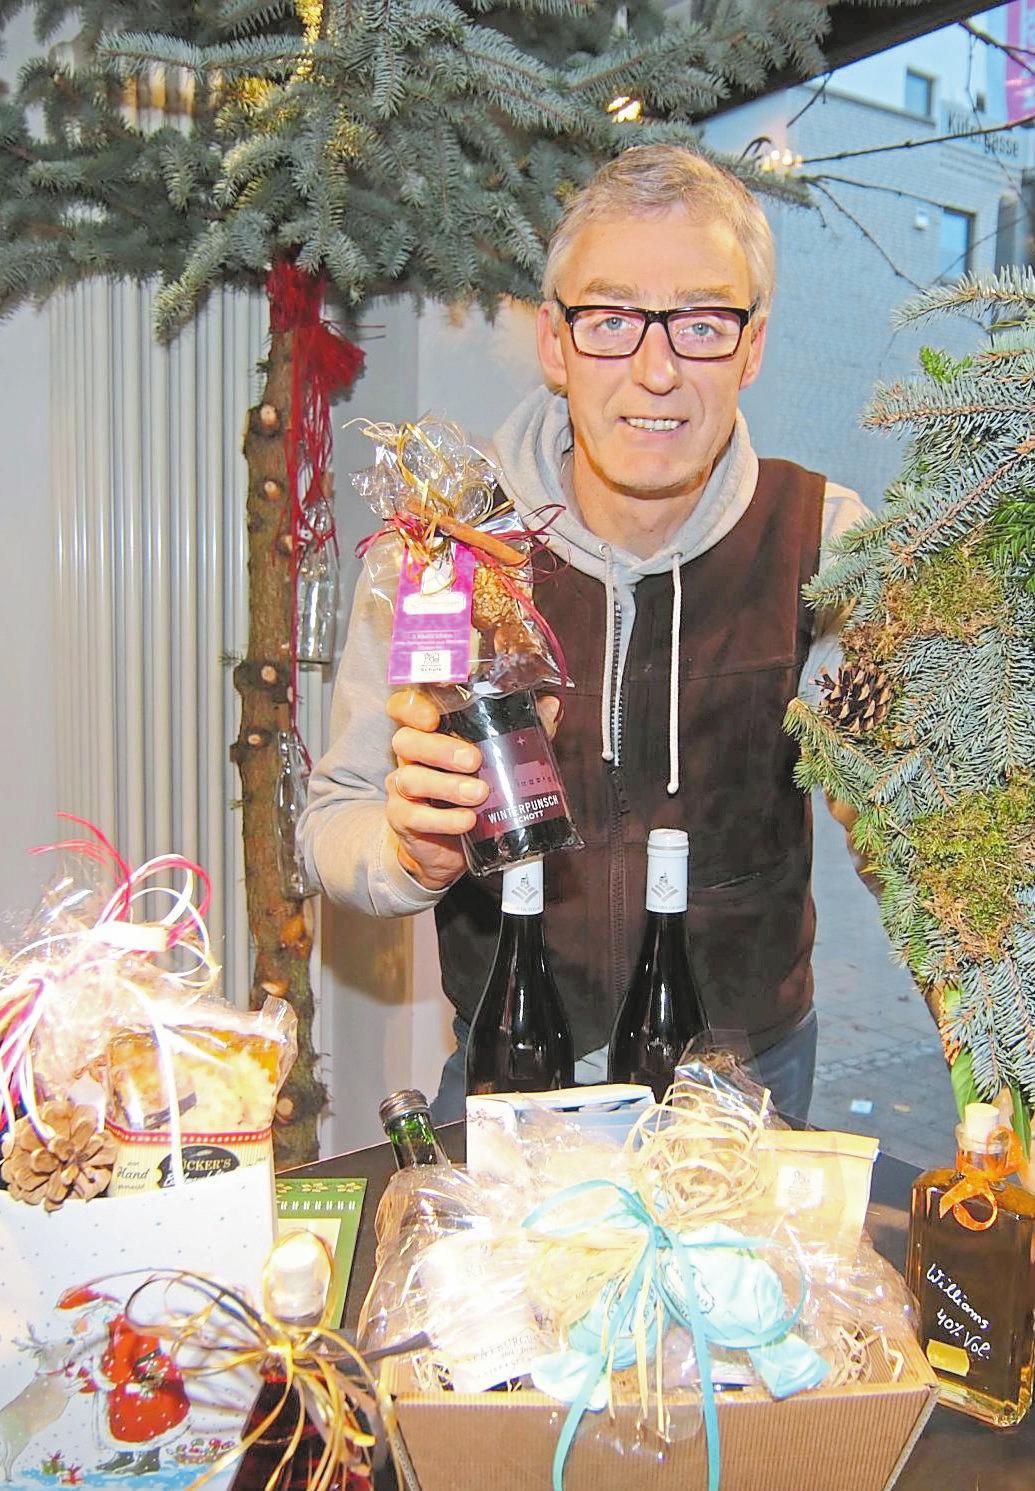 Kulinarische Weihnachtsgeschenke gibt es bei Marcus Schulz. Foto: Ralf Steinhorst